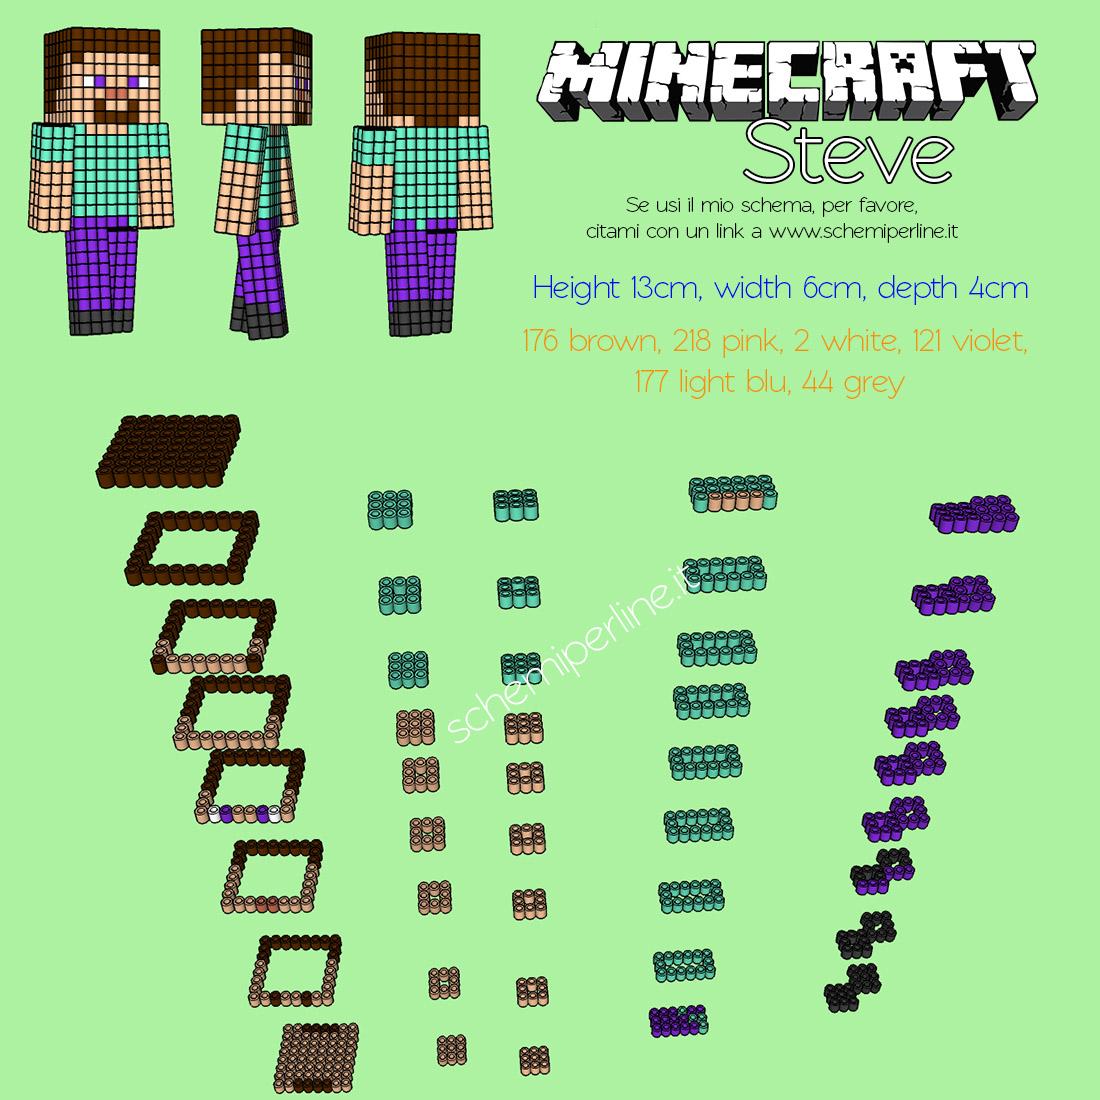 Steve Personaggio Minecraft In 3d Con Le Pyssla O Hama Beads